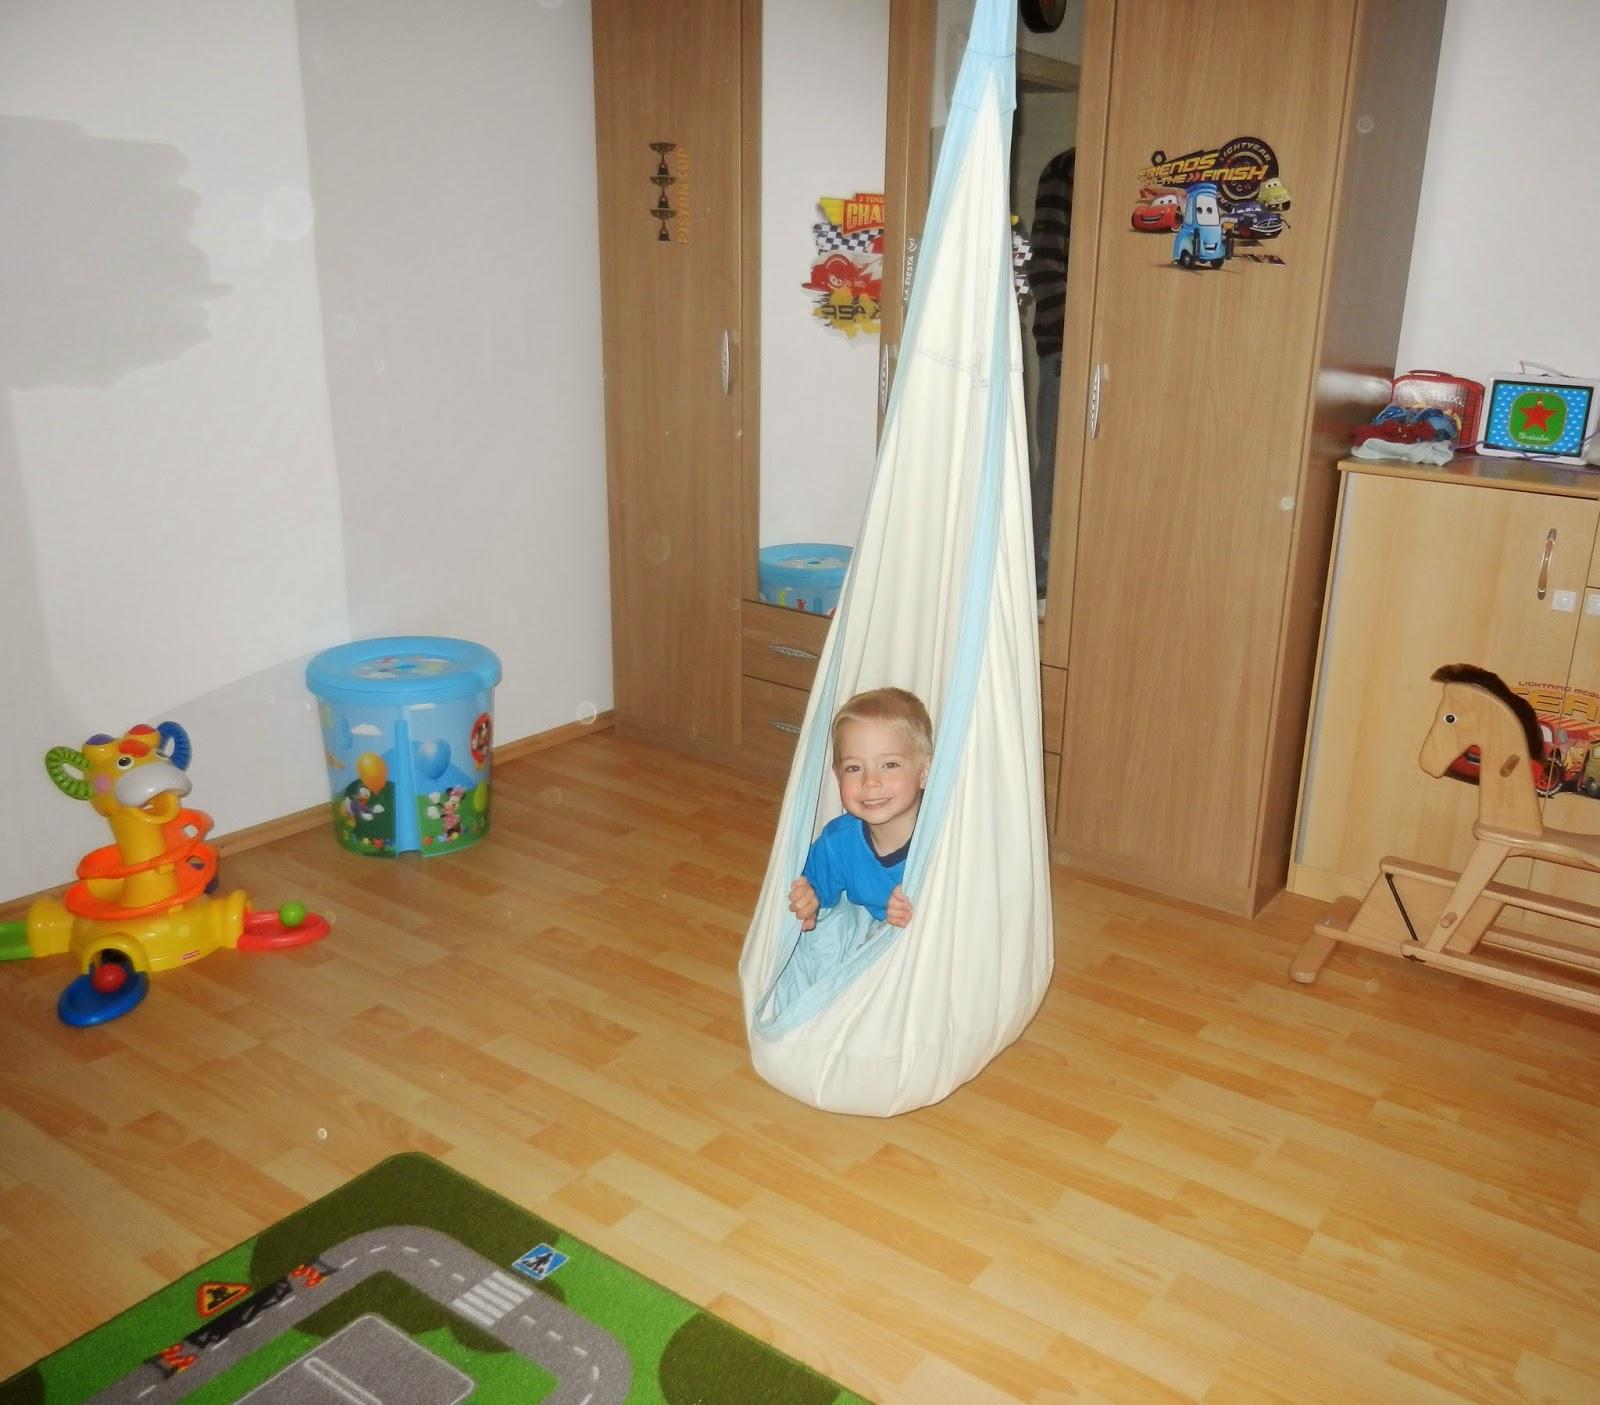 hauserische testfamilie: ... Spielen und träumen in der ...